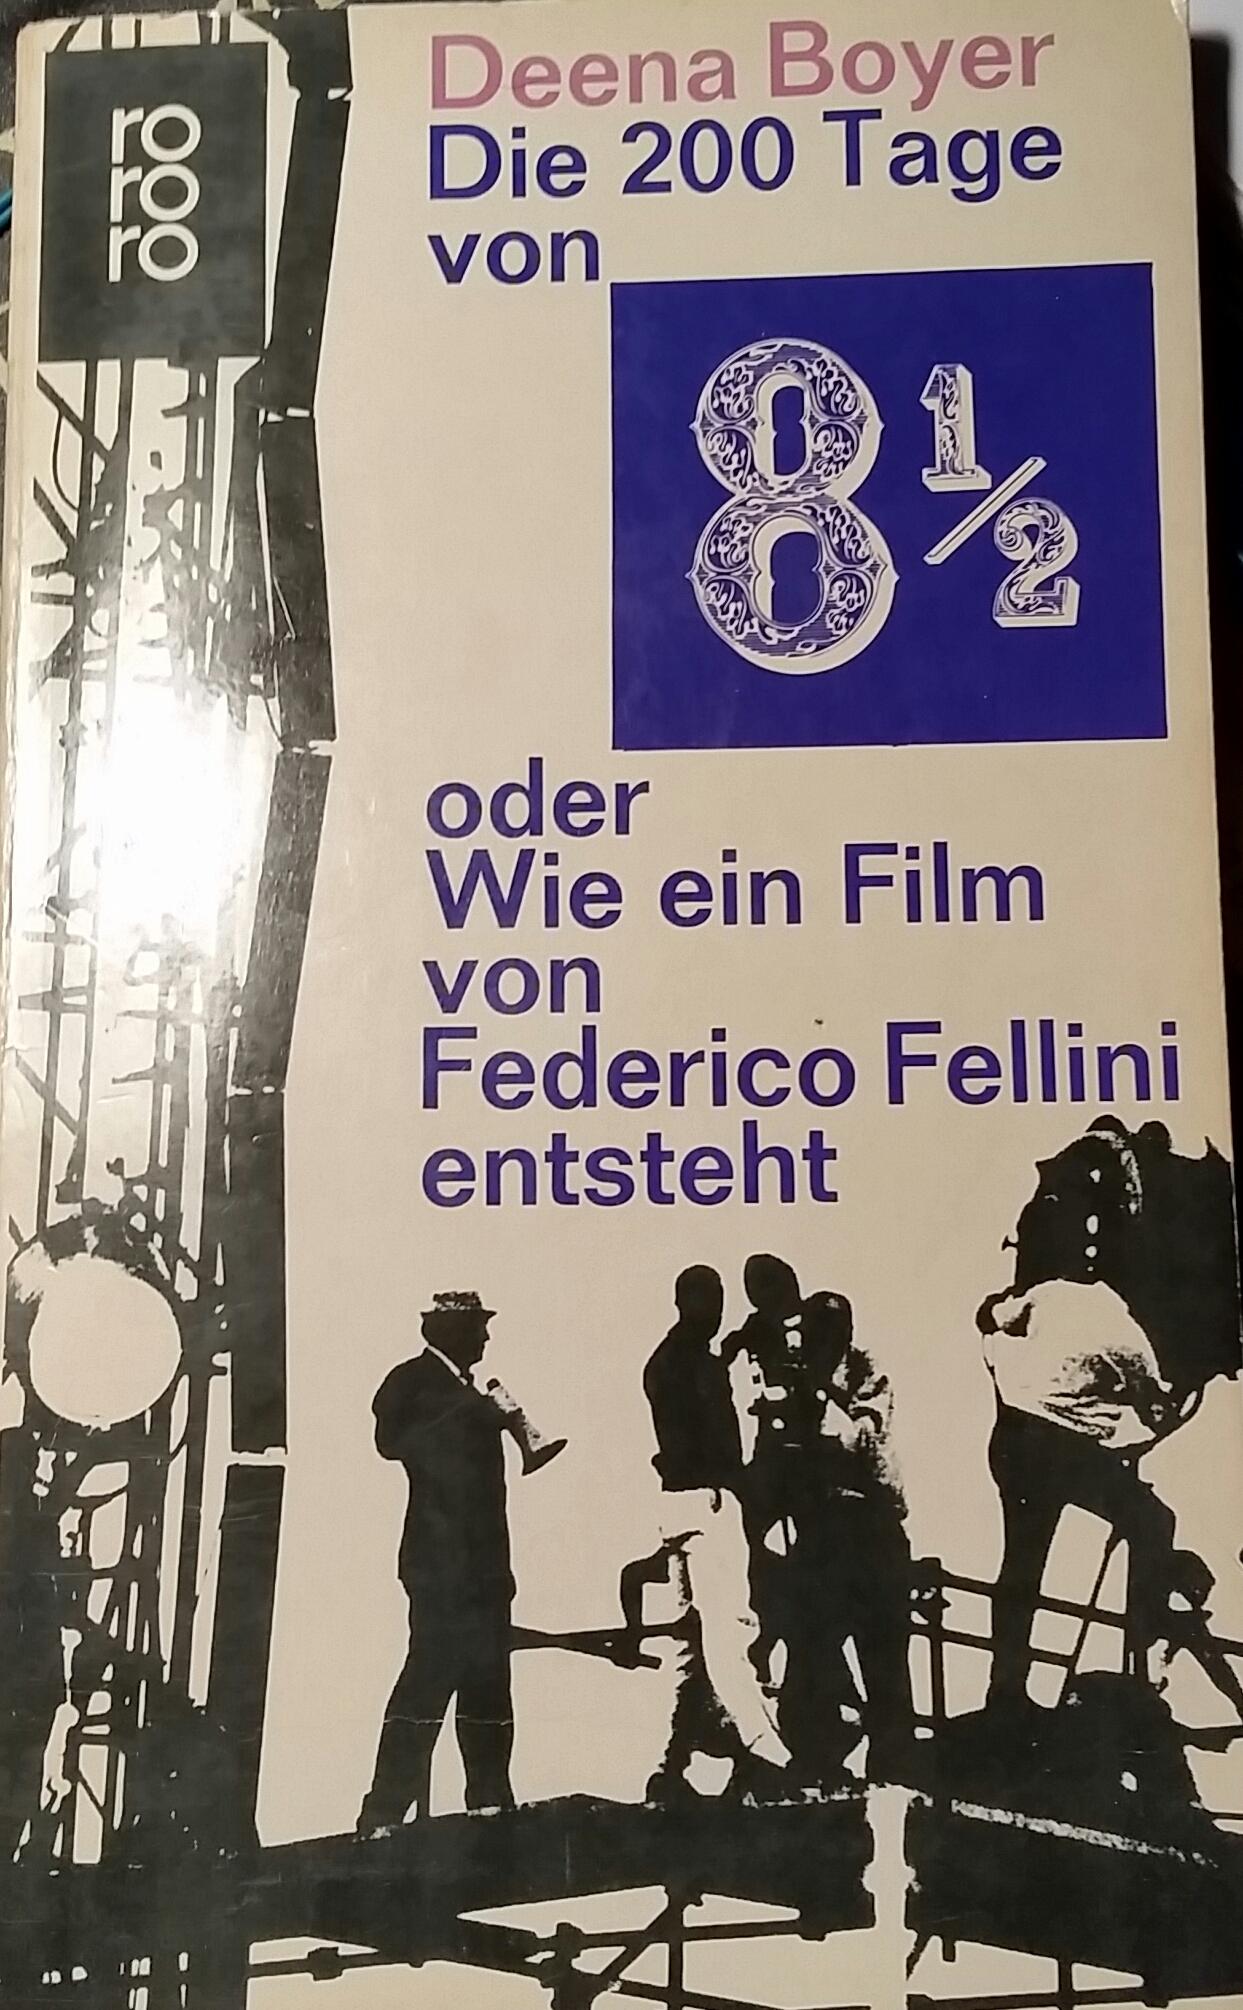 Die 200 Tage von 8 1/2 oder Wie ein Film von Federico Fellini entsteht